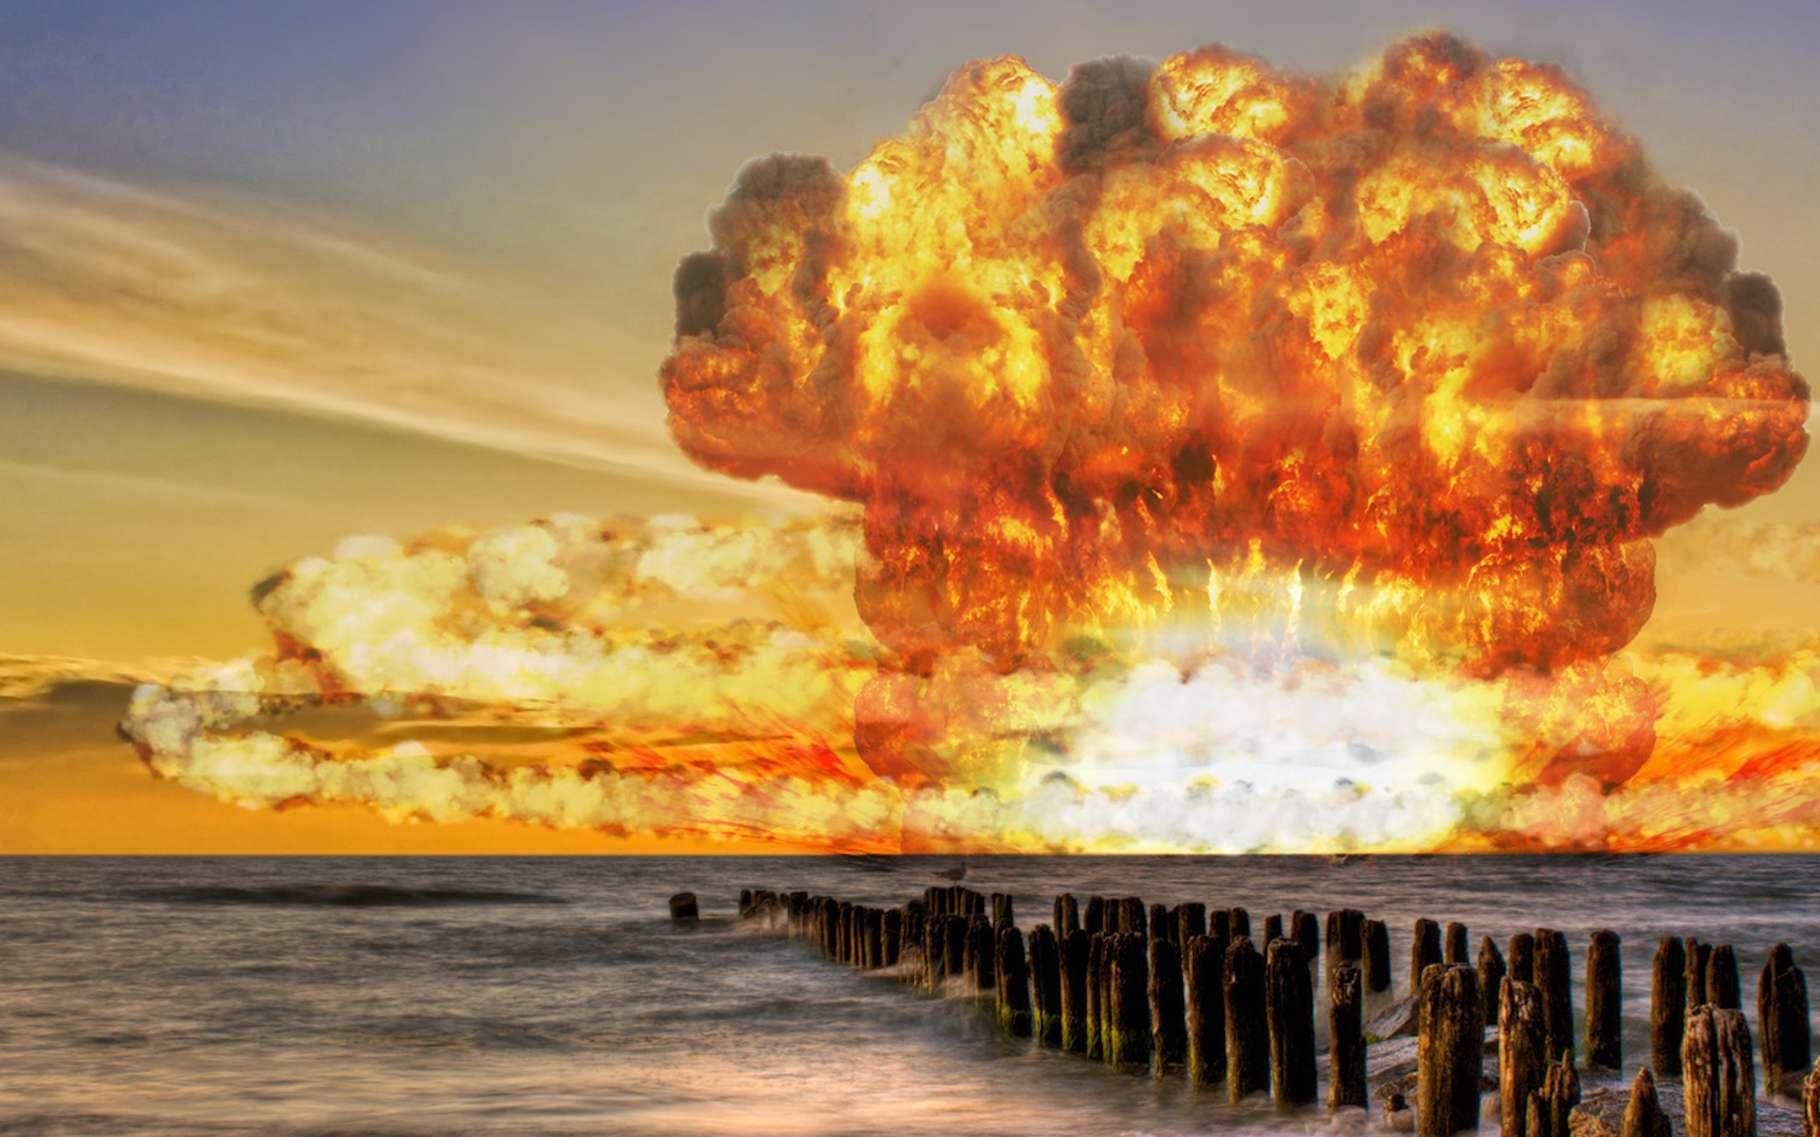 Bombardement cosmique, guerre nucléaire, météorite géante, famine mondiale... La fin du monde est-elle pour demain ? © fotolia